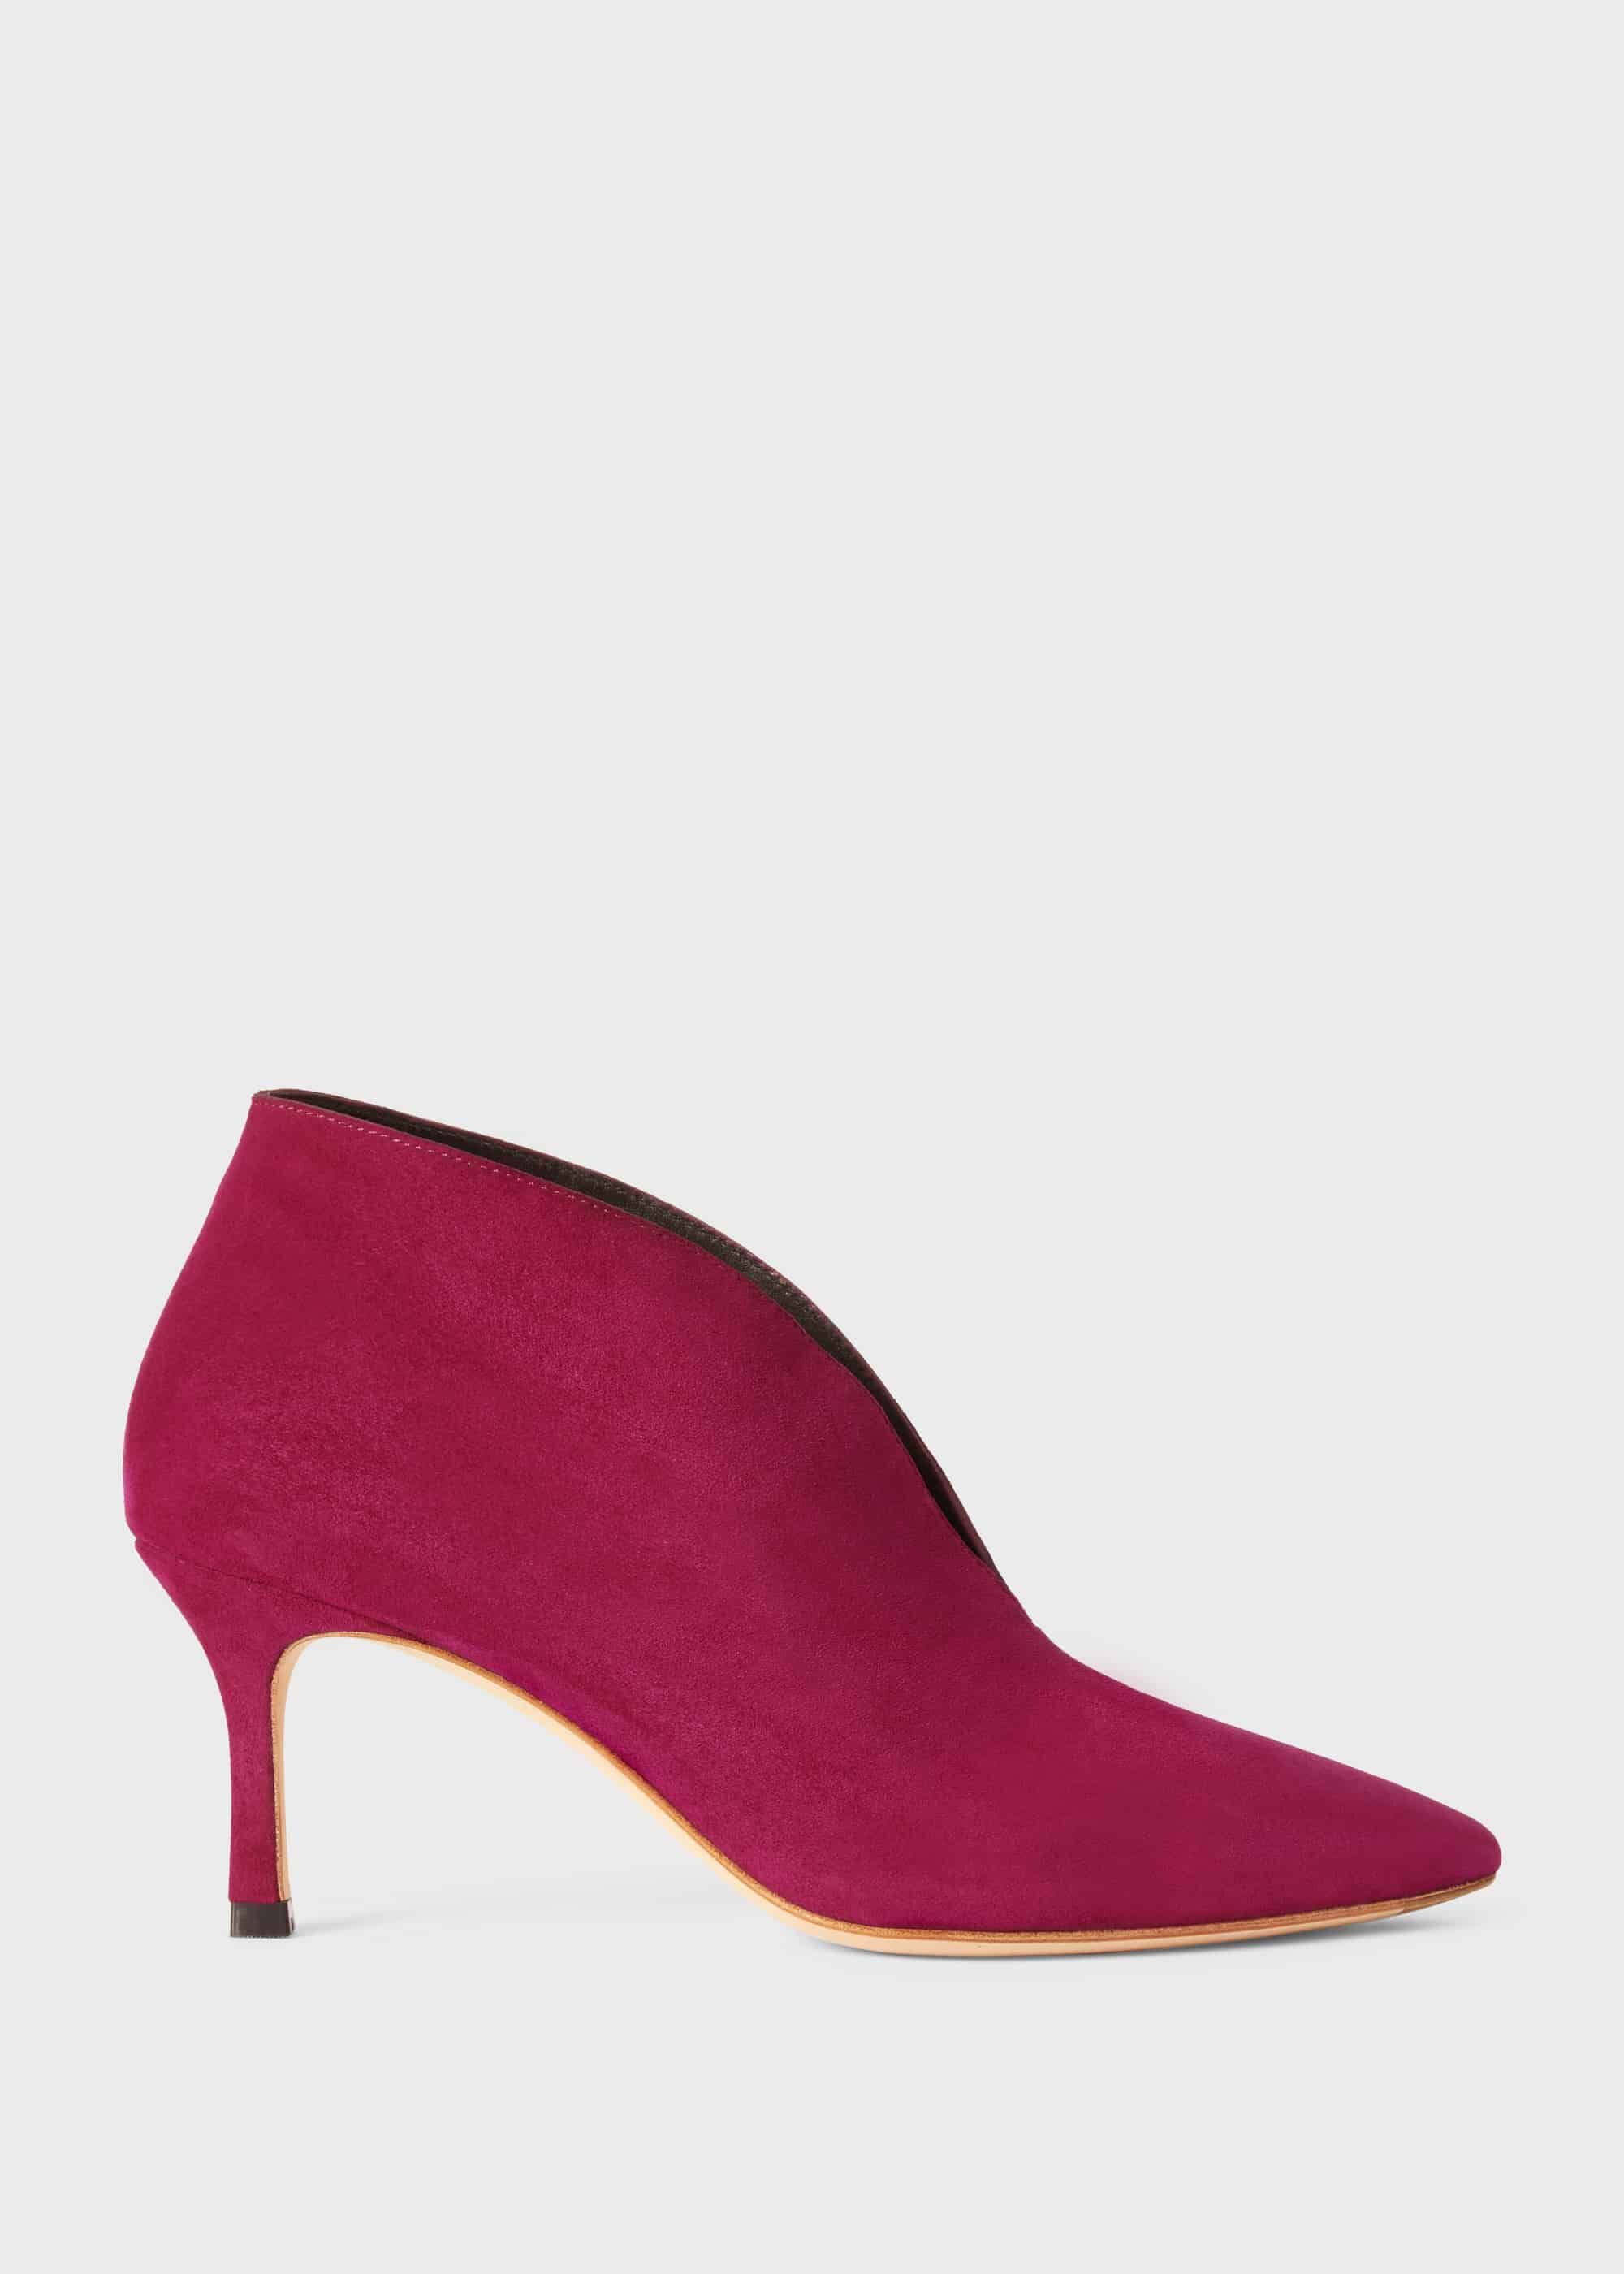 Sienna Suede Stiletto Ankle Boots | Hobbs